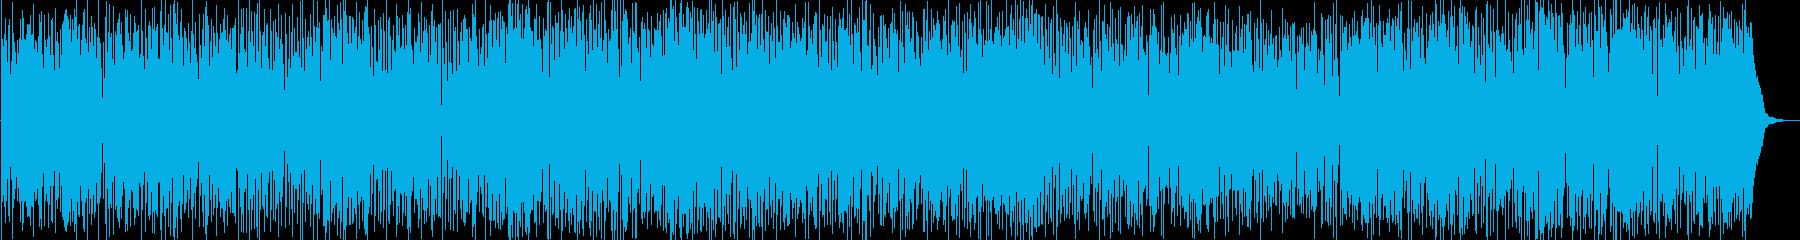 気分が盛り上がるノリノリのファンクの再生済みの波形